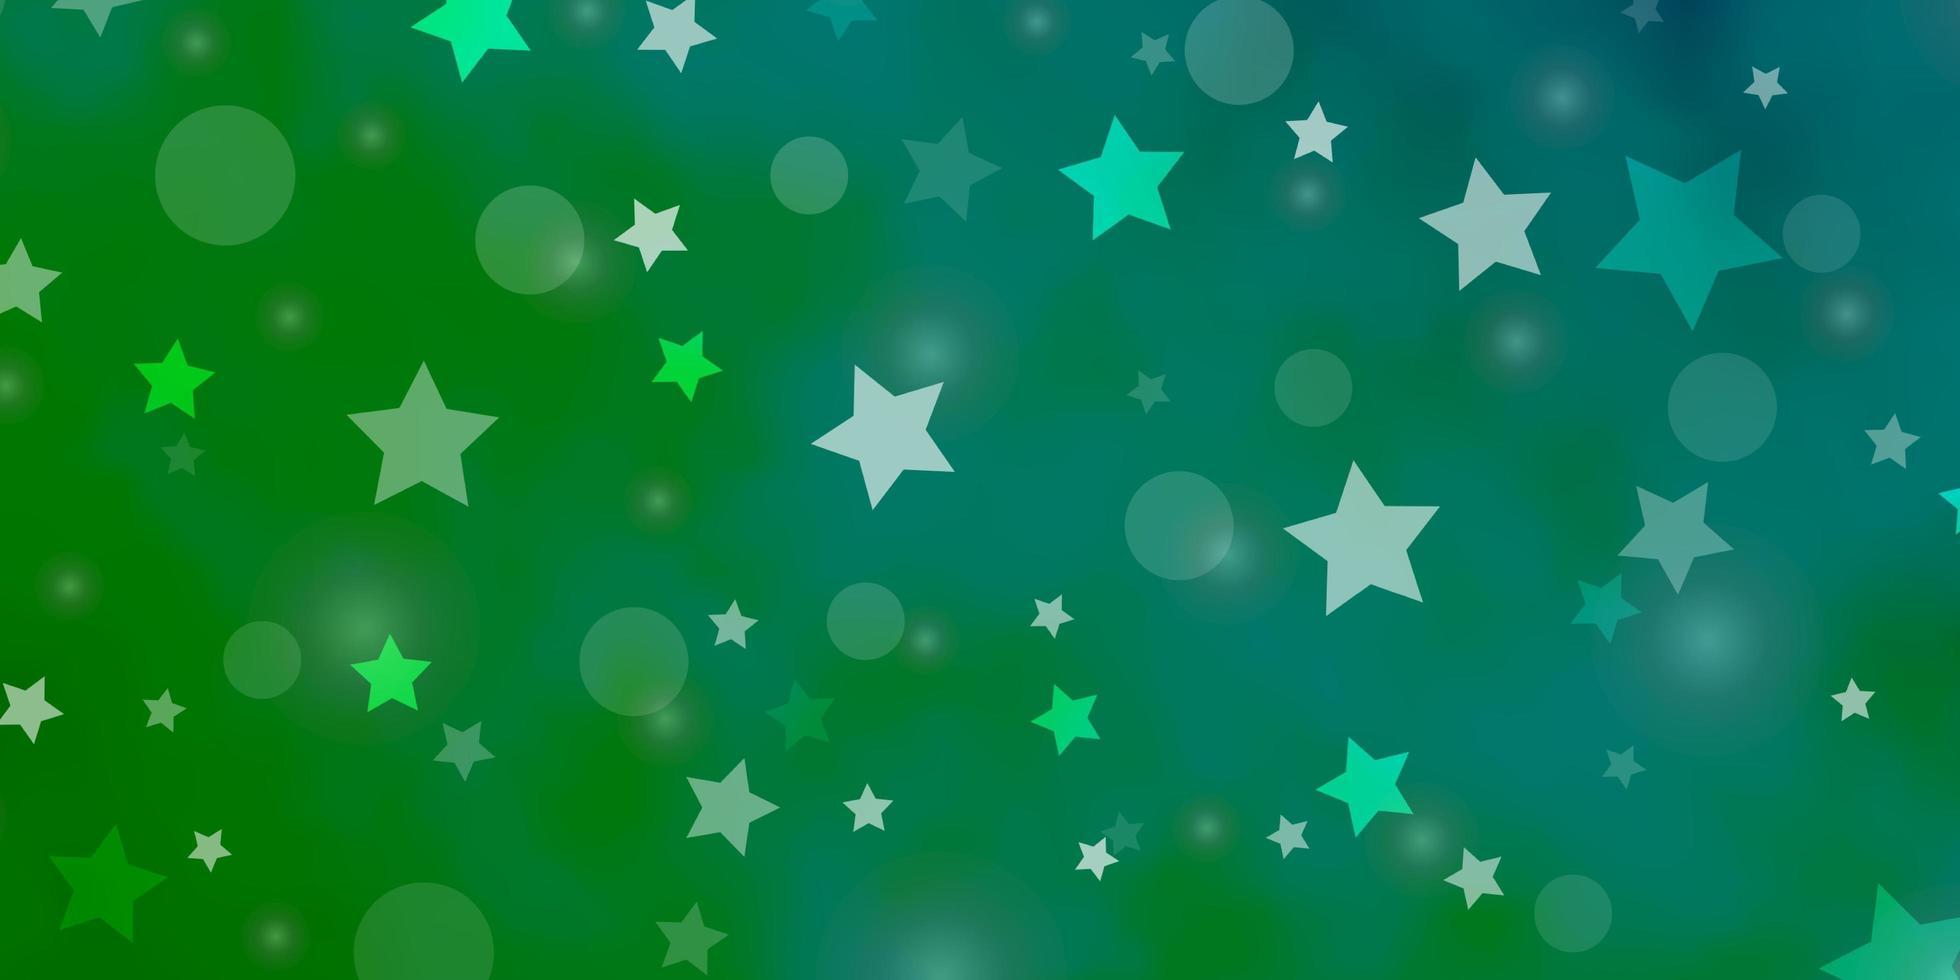 sfondo vettoriale azzurro, verde con cerchi, stelle.